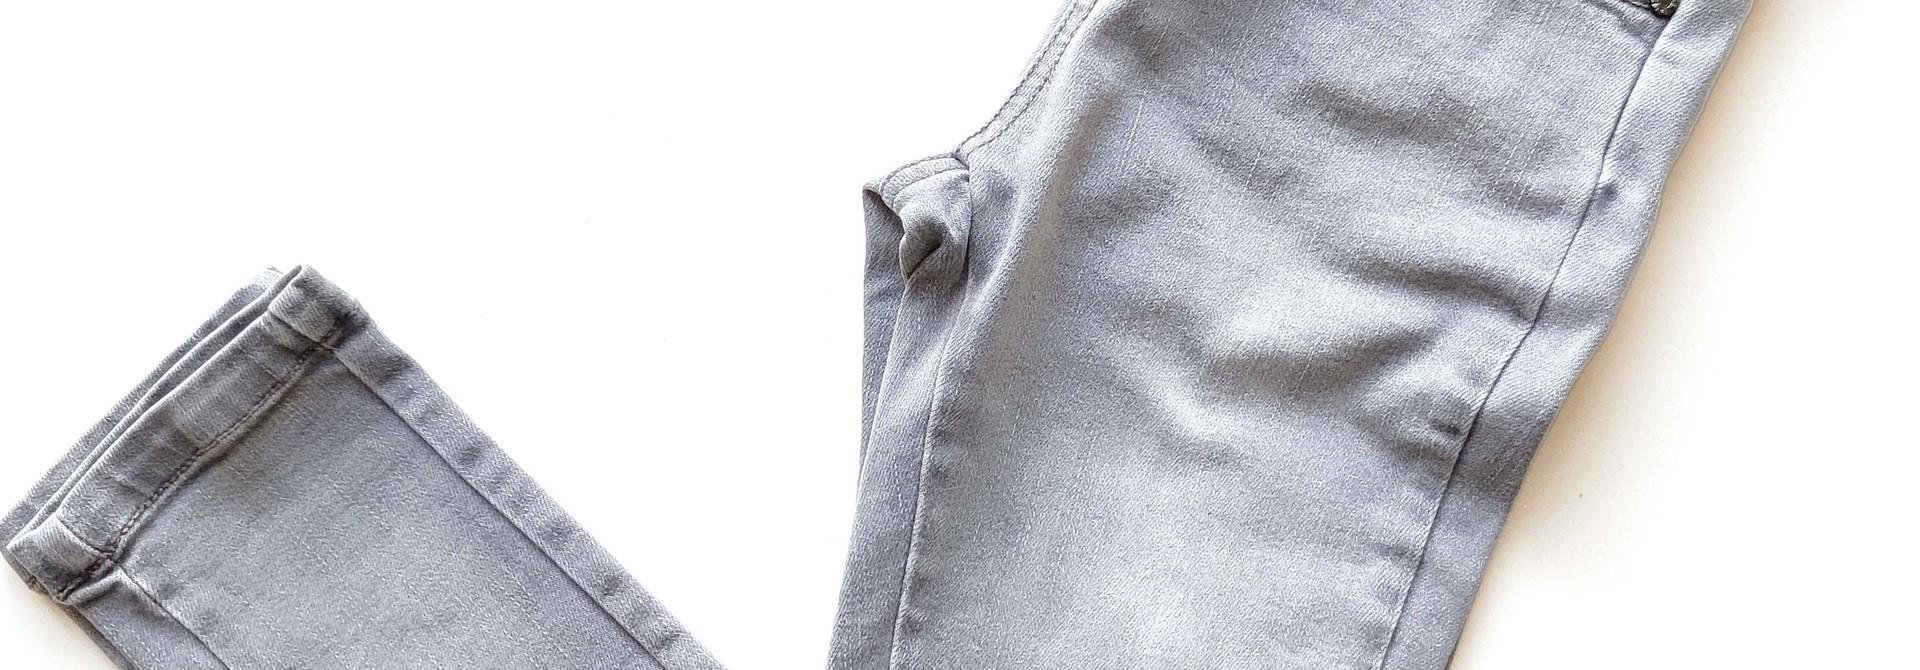 Skinny broek CKS